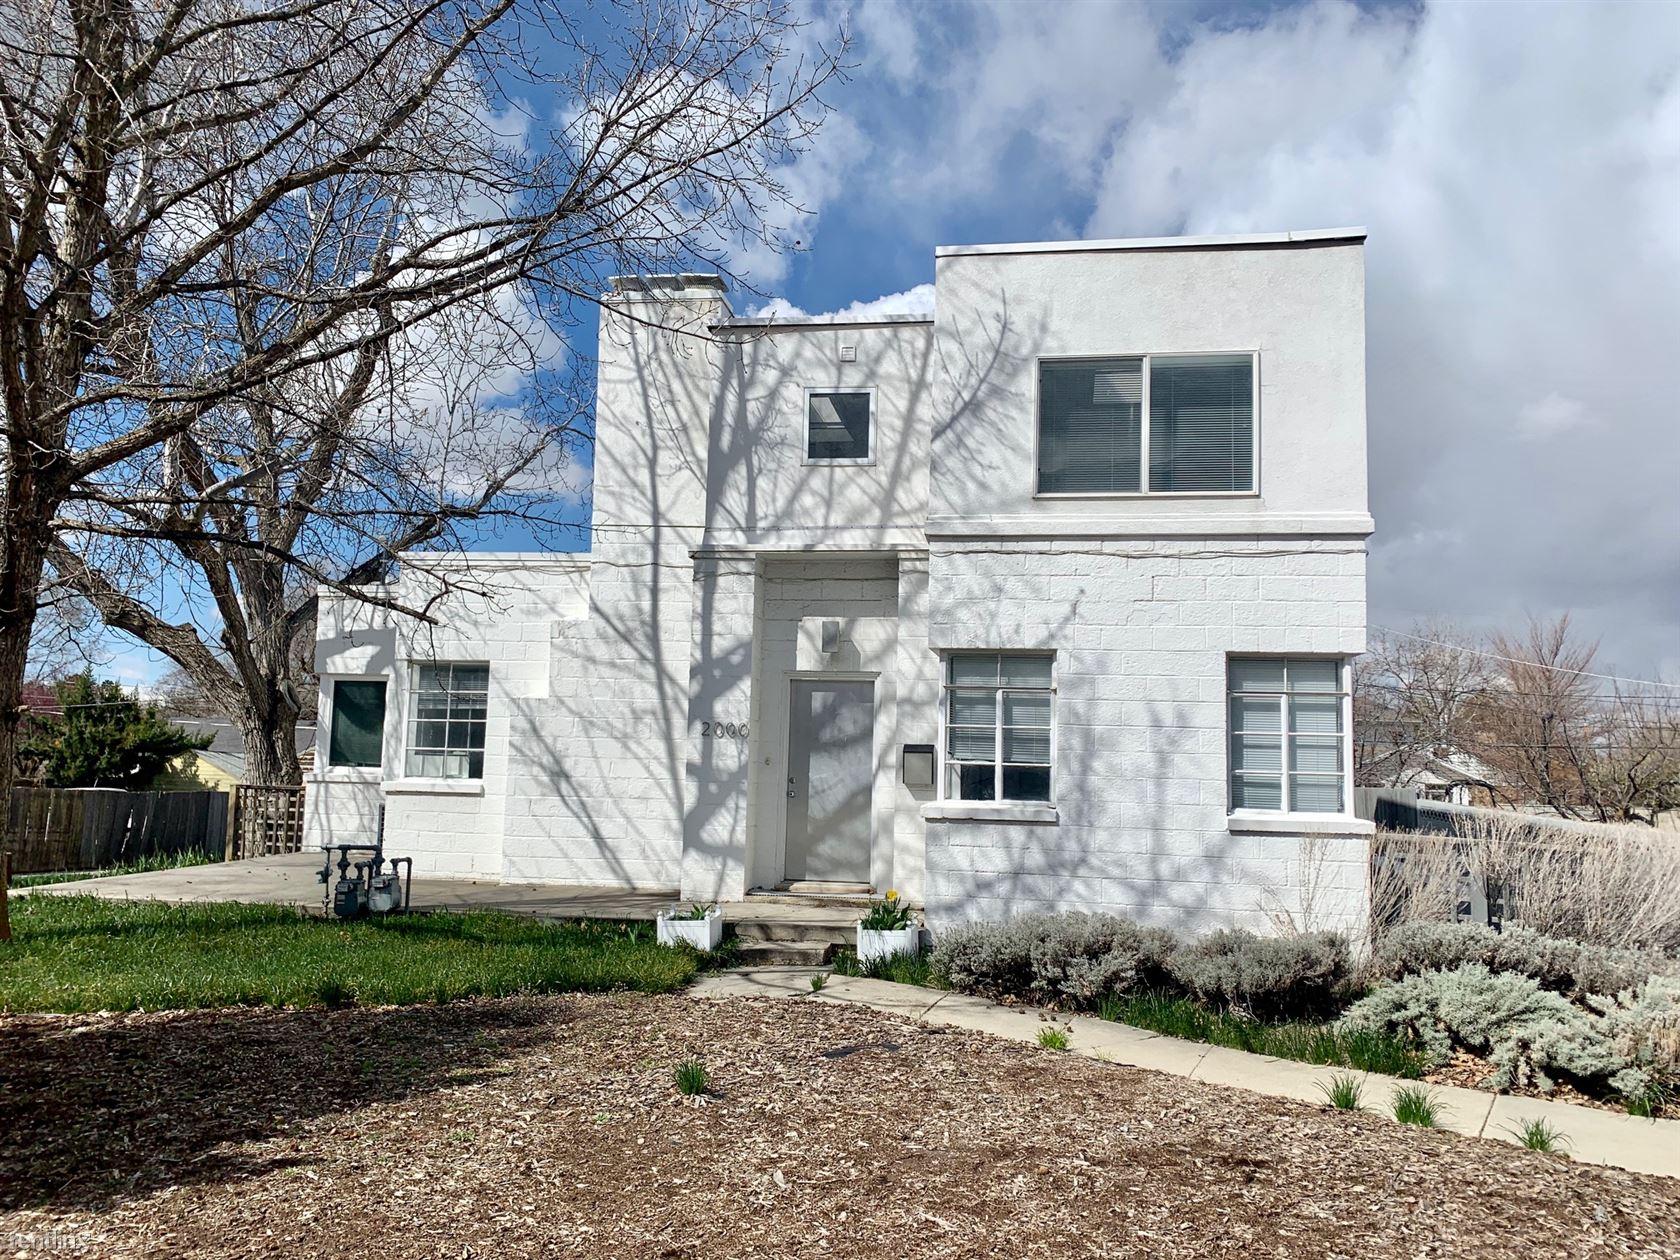 2000 S 2100 E, Salt Lake City, UT - $2,000